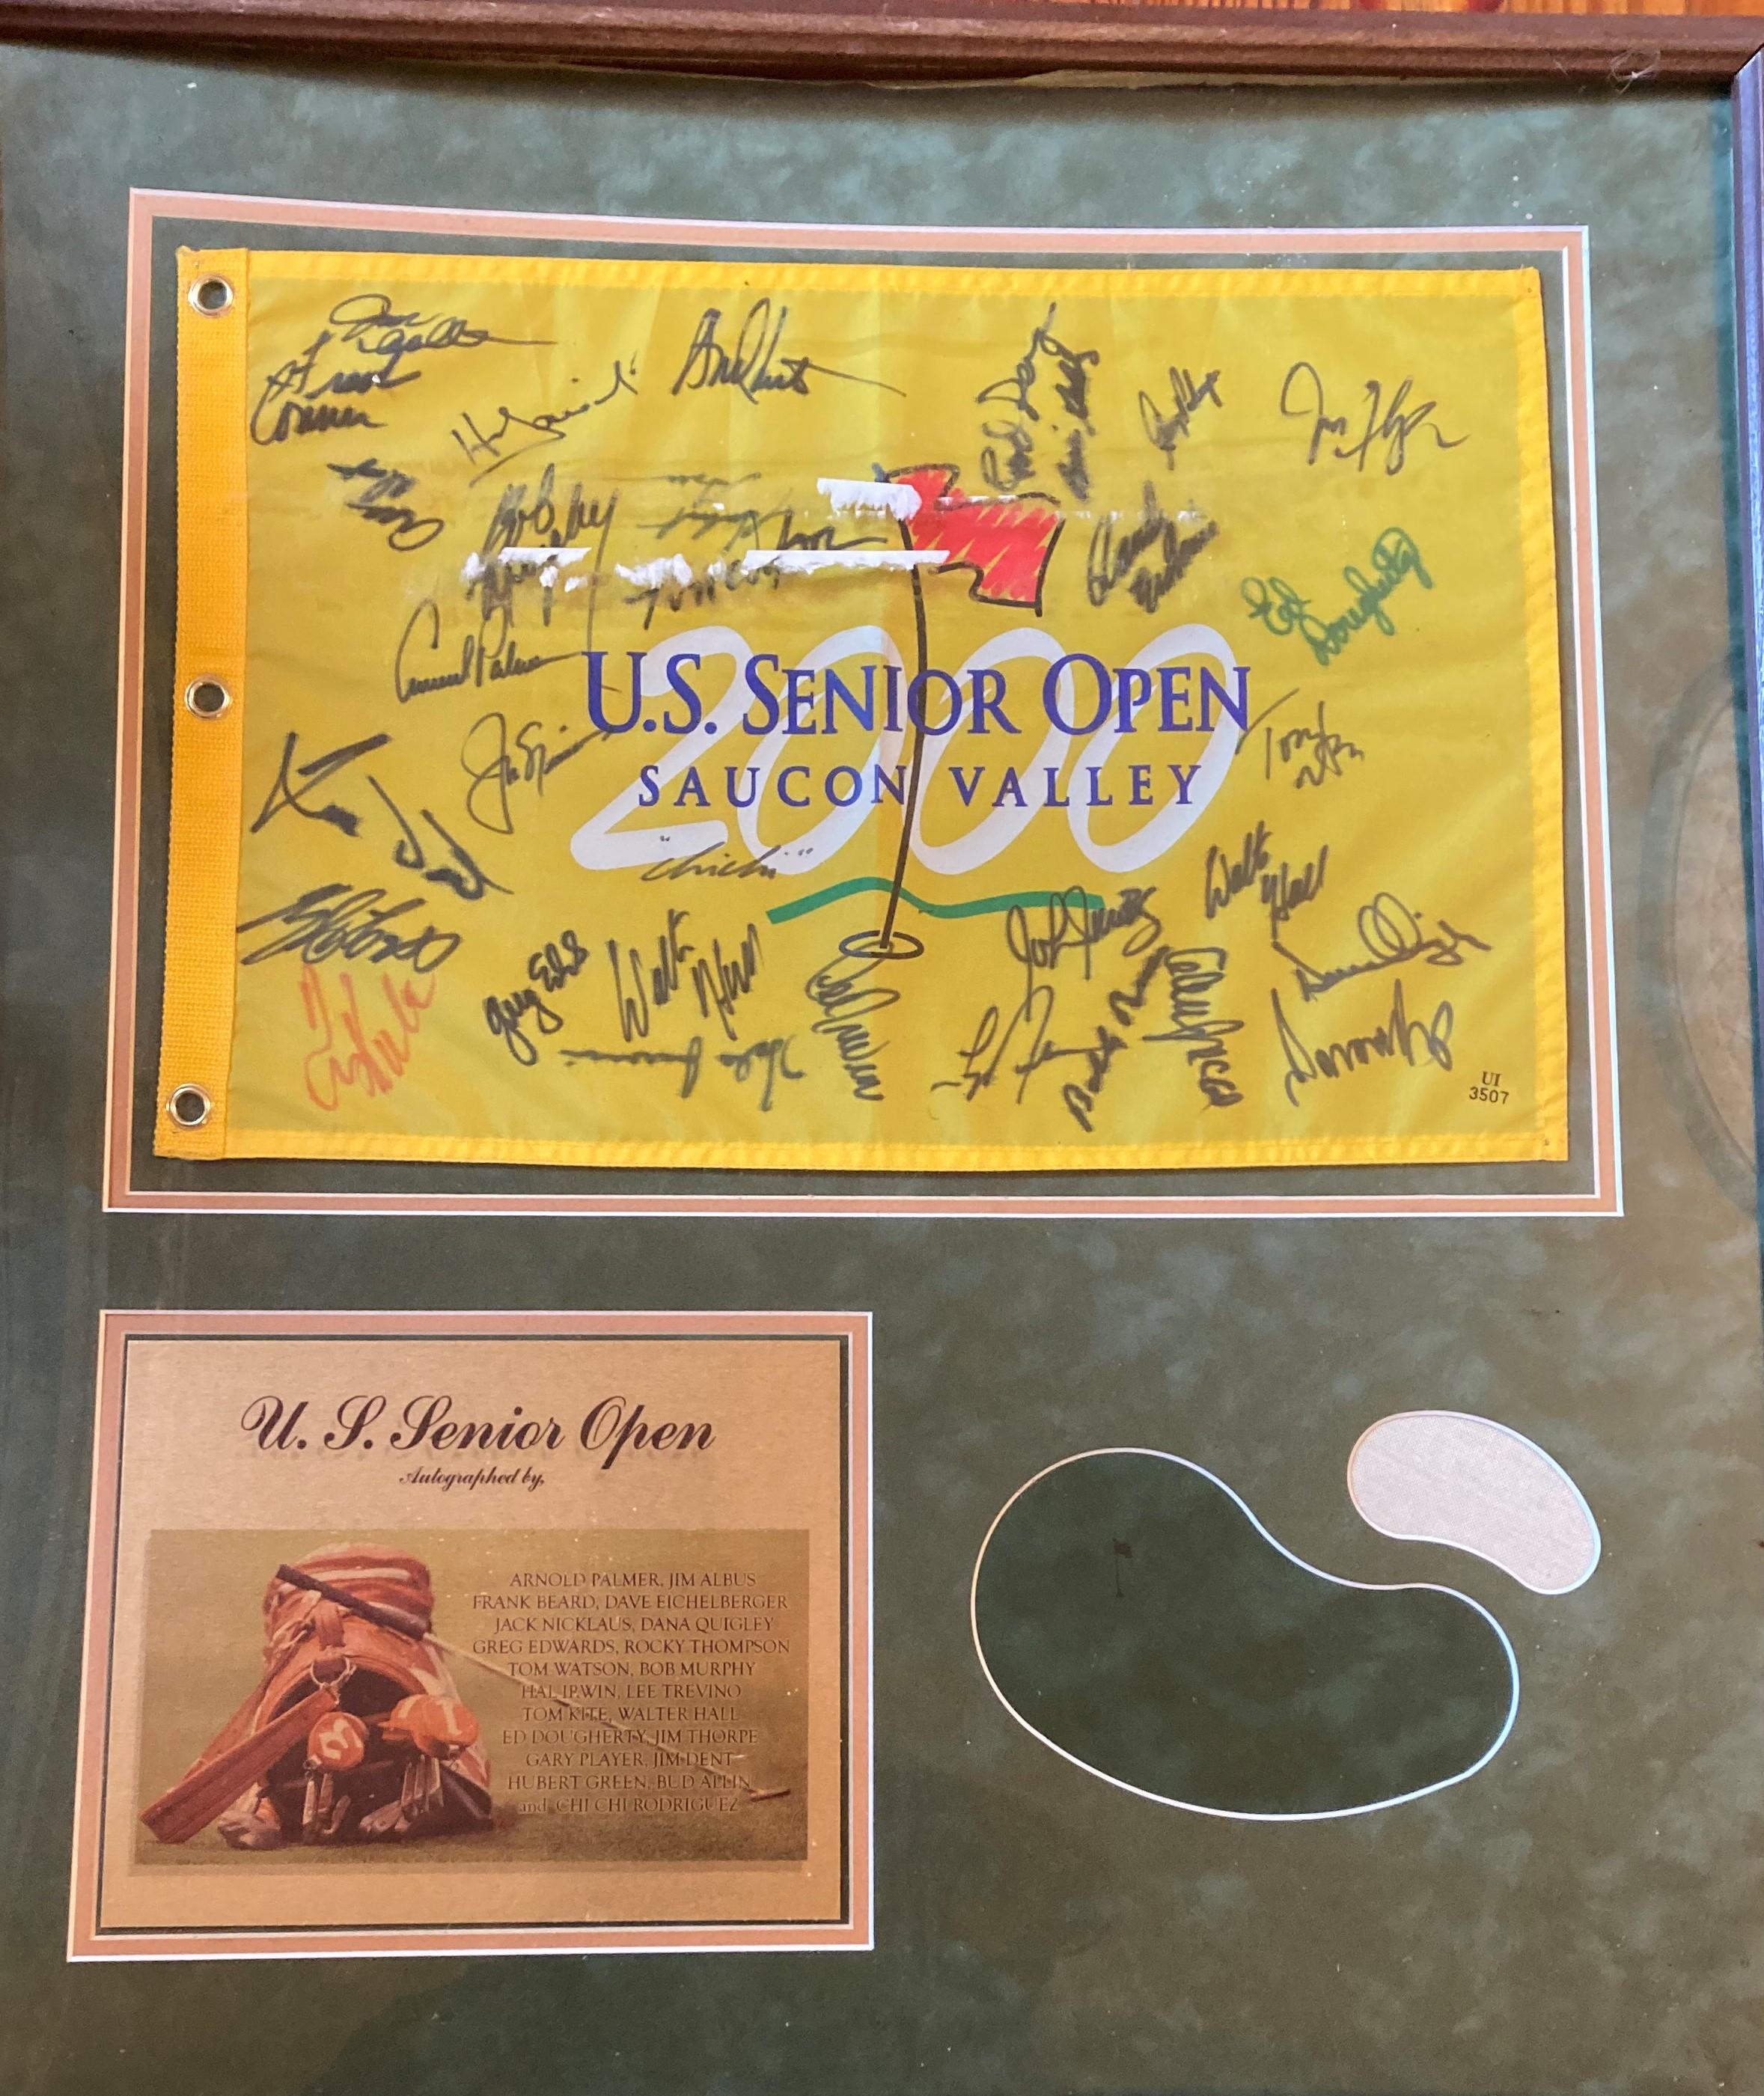 """Golf Memorabilia: A framed """"US Senior Open Saucon Valley"""" Flag, signed by Arnold Palmer, et al,"""